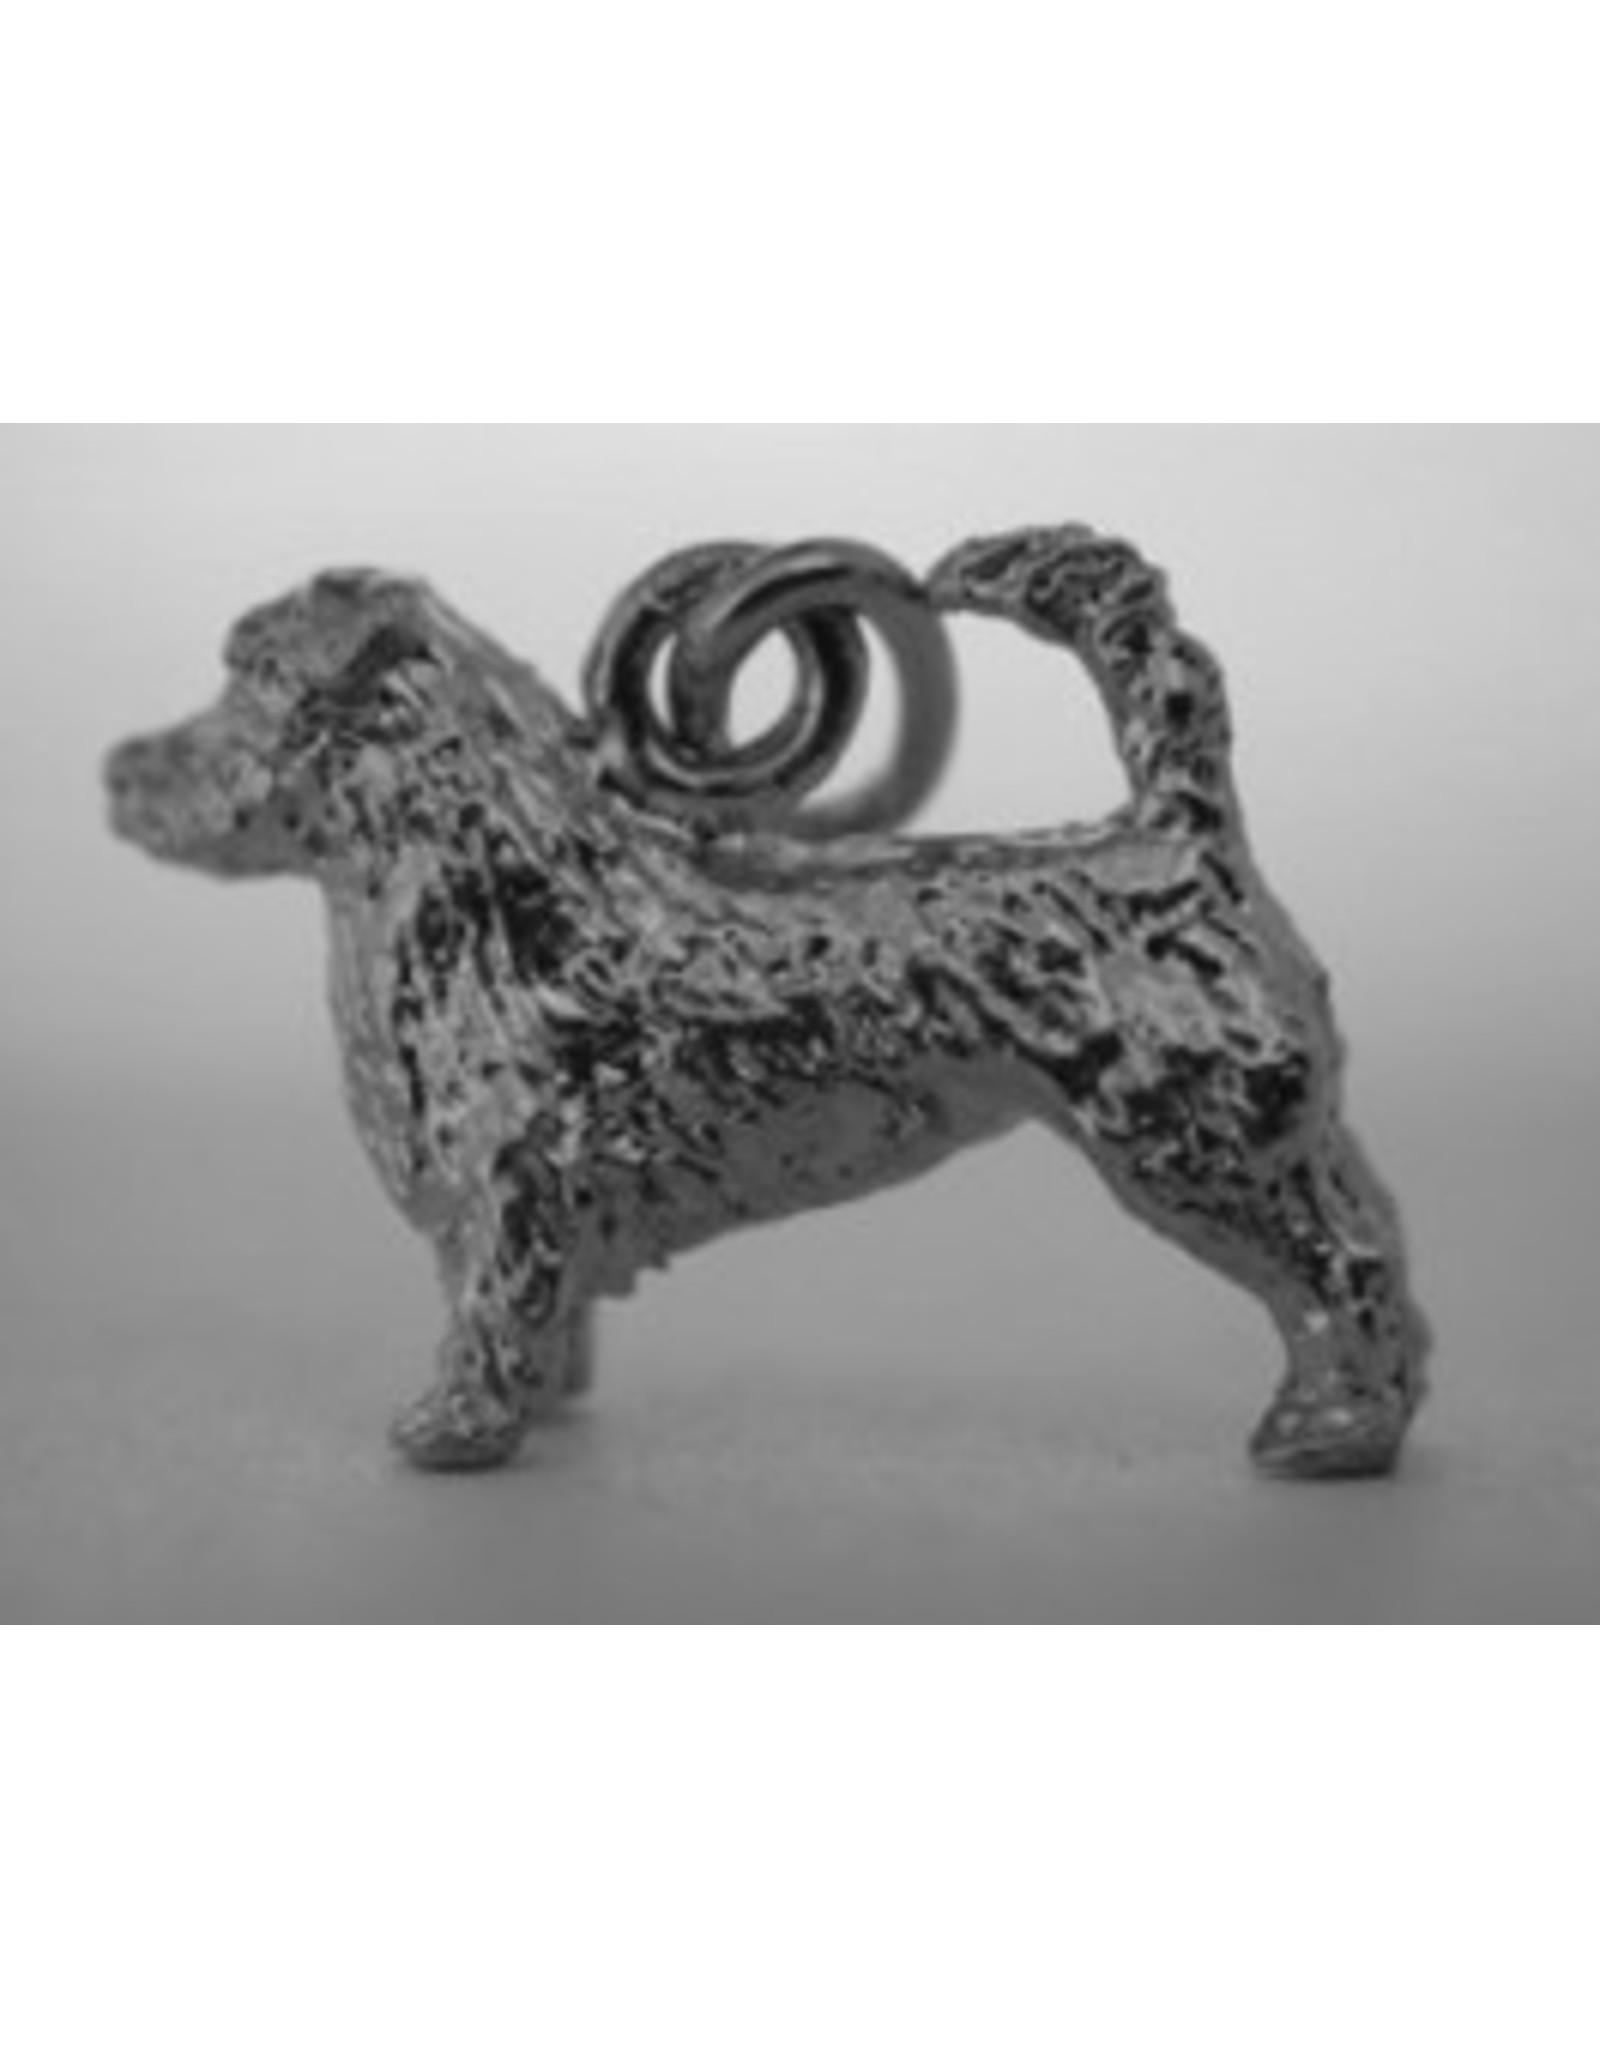 Handmade by Hanneke Weigel Zilveren Glen of imaal terrier